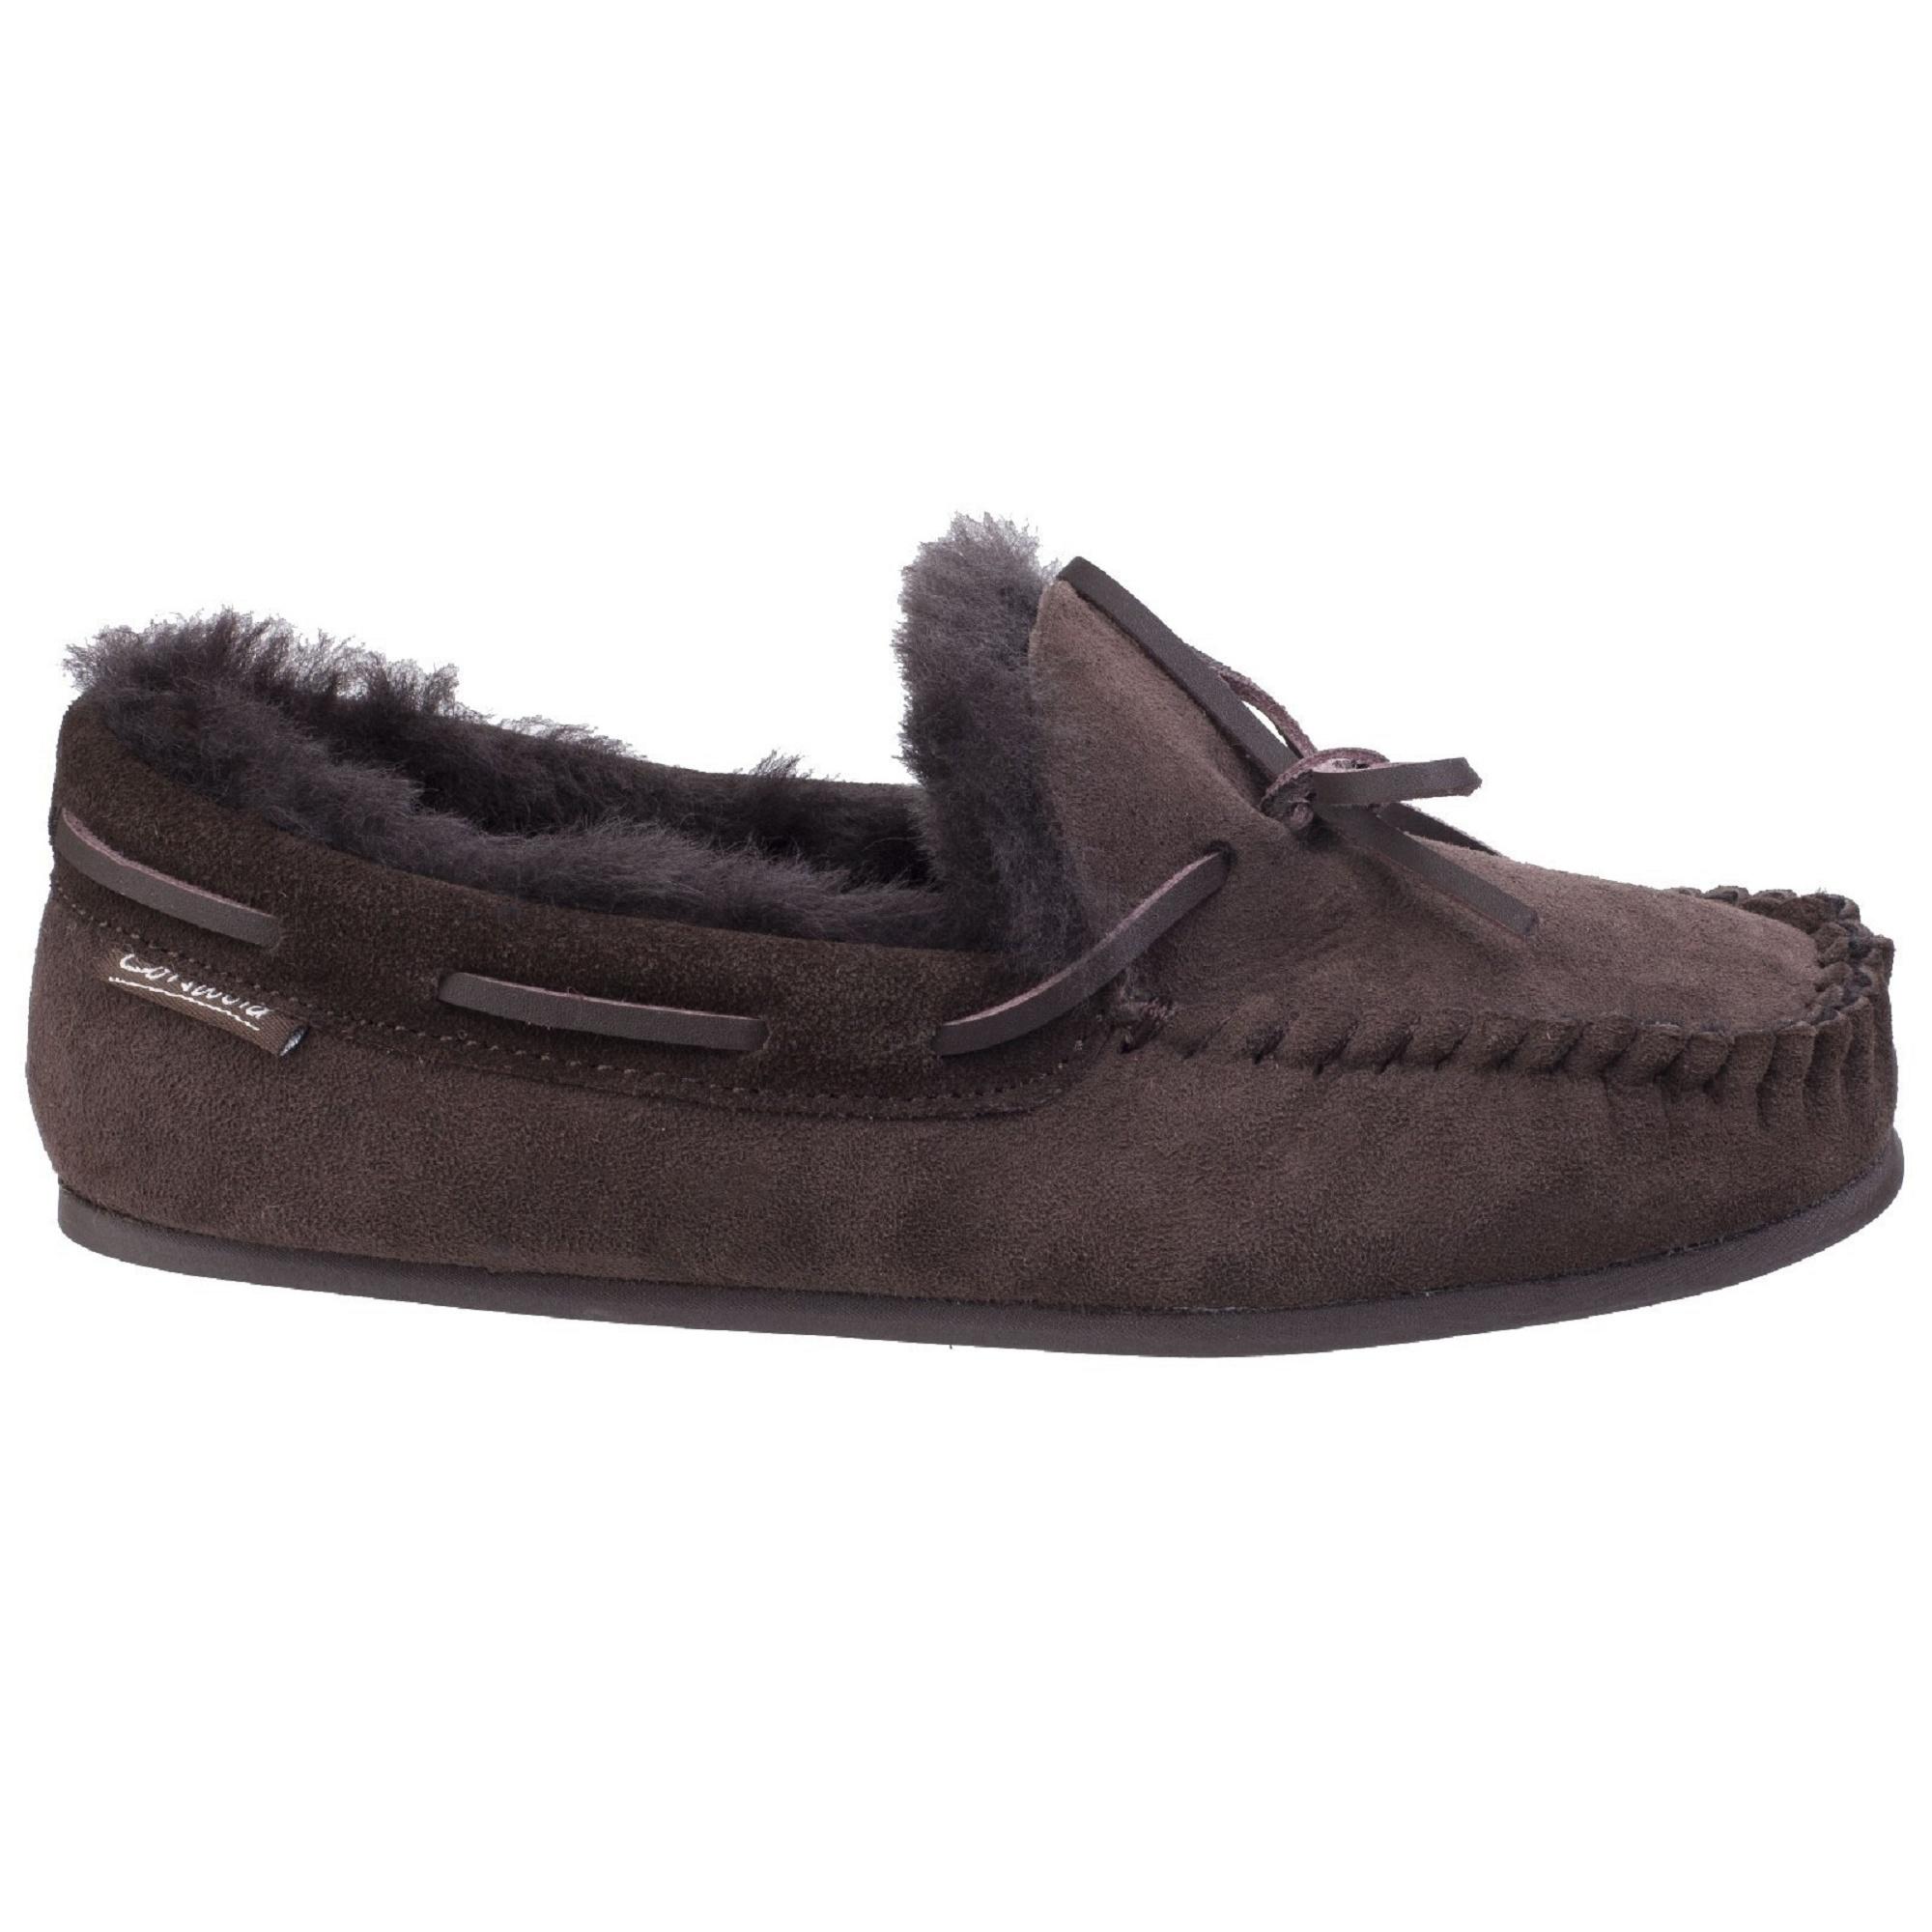 Cotswold-Zapatillas-de-estar-por-casa-estilo-mocasin-para-mujer-FS4715